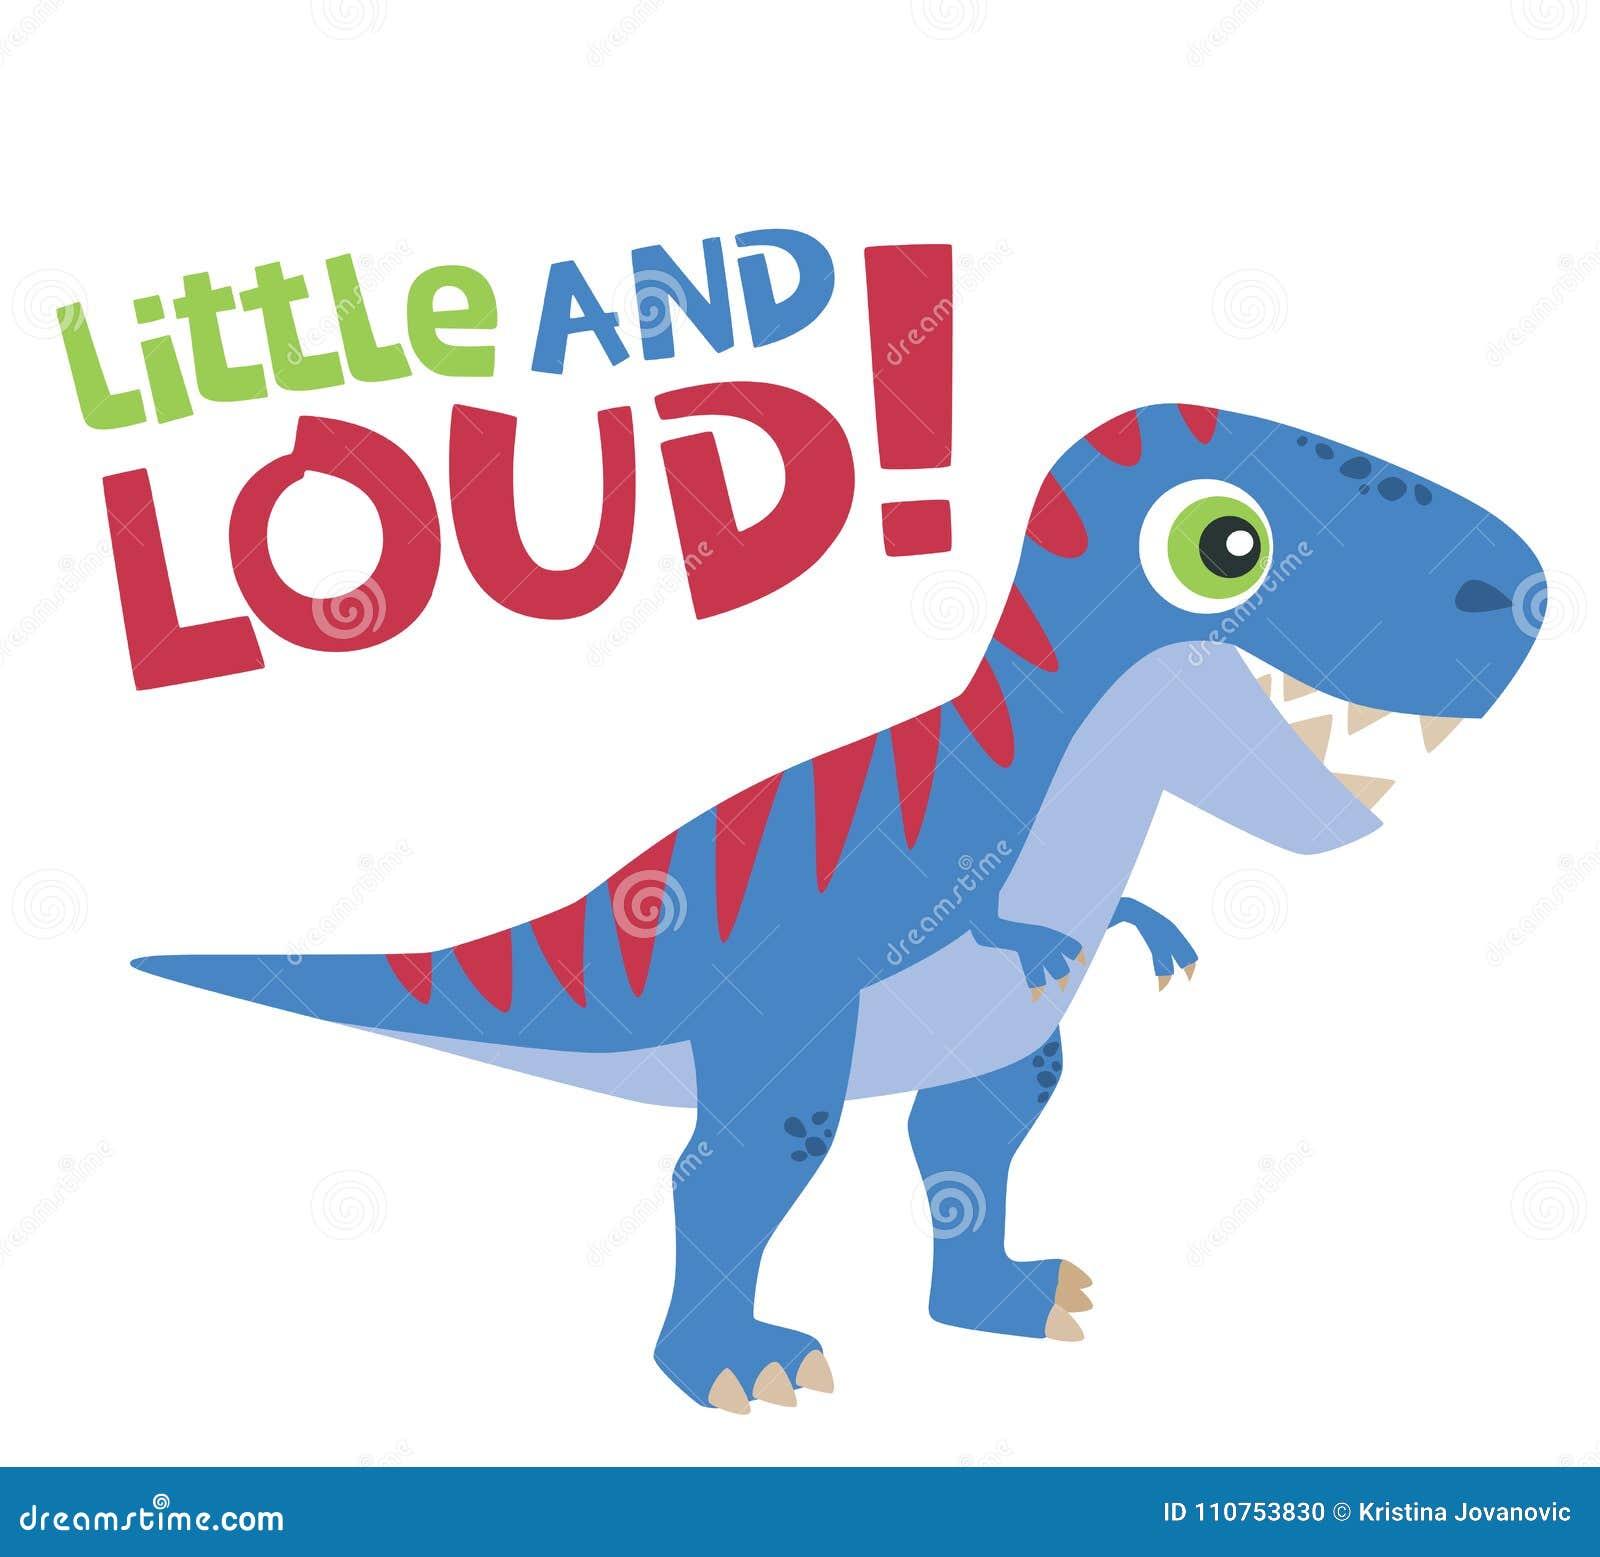 Le Petit Et Bruyant Texte Avec Le Tyrannosaure Mignon Rex